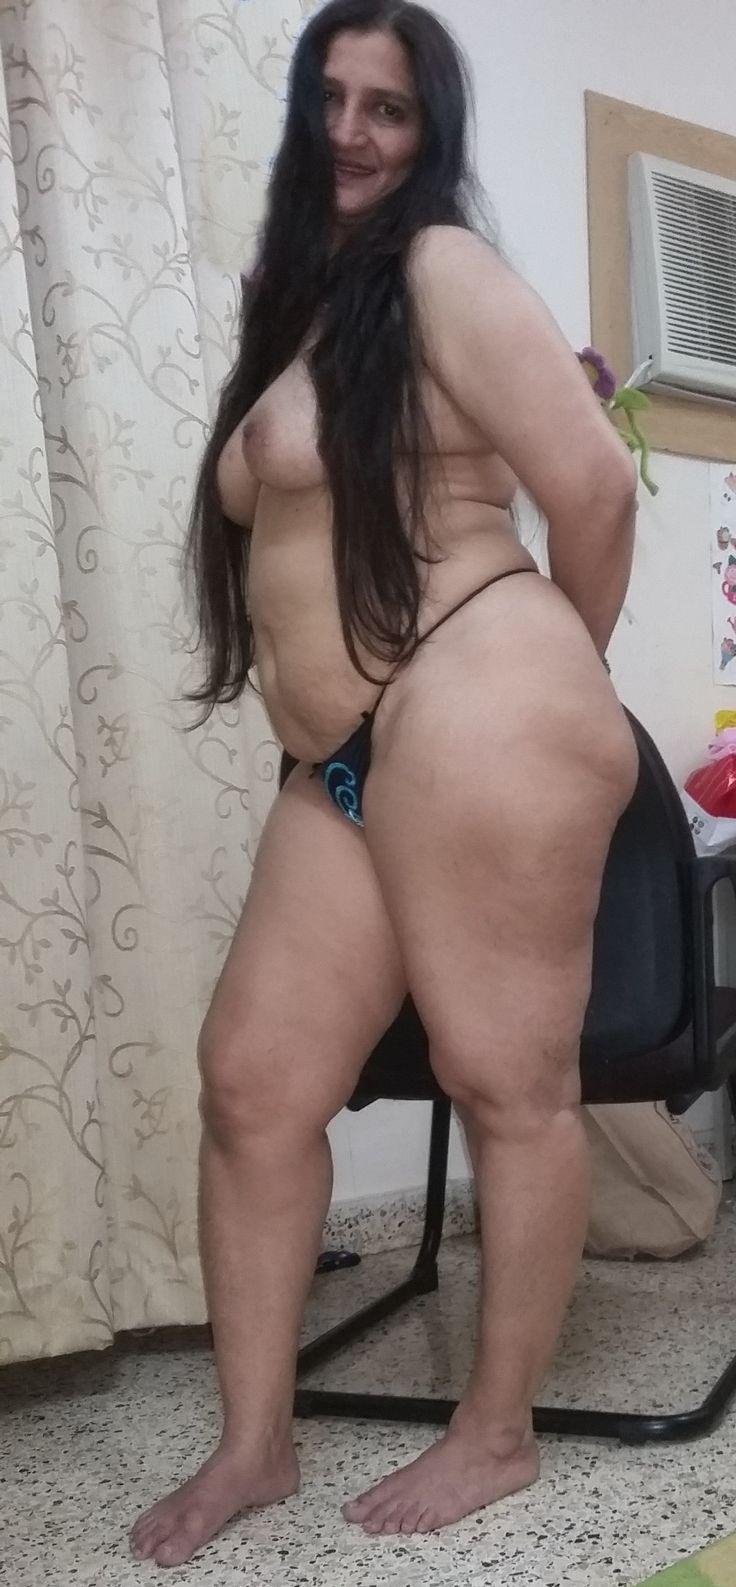 Fat mms sex video girl